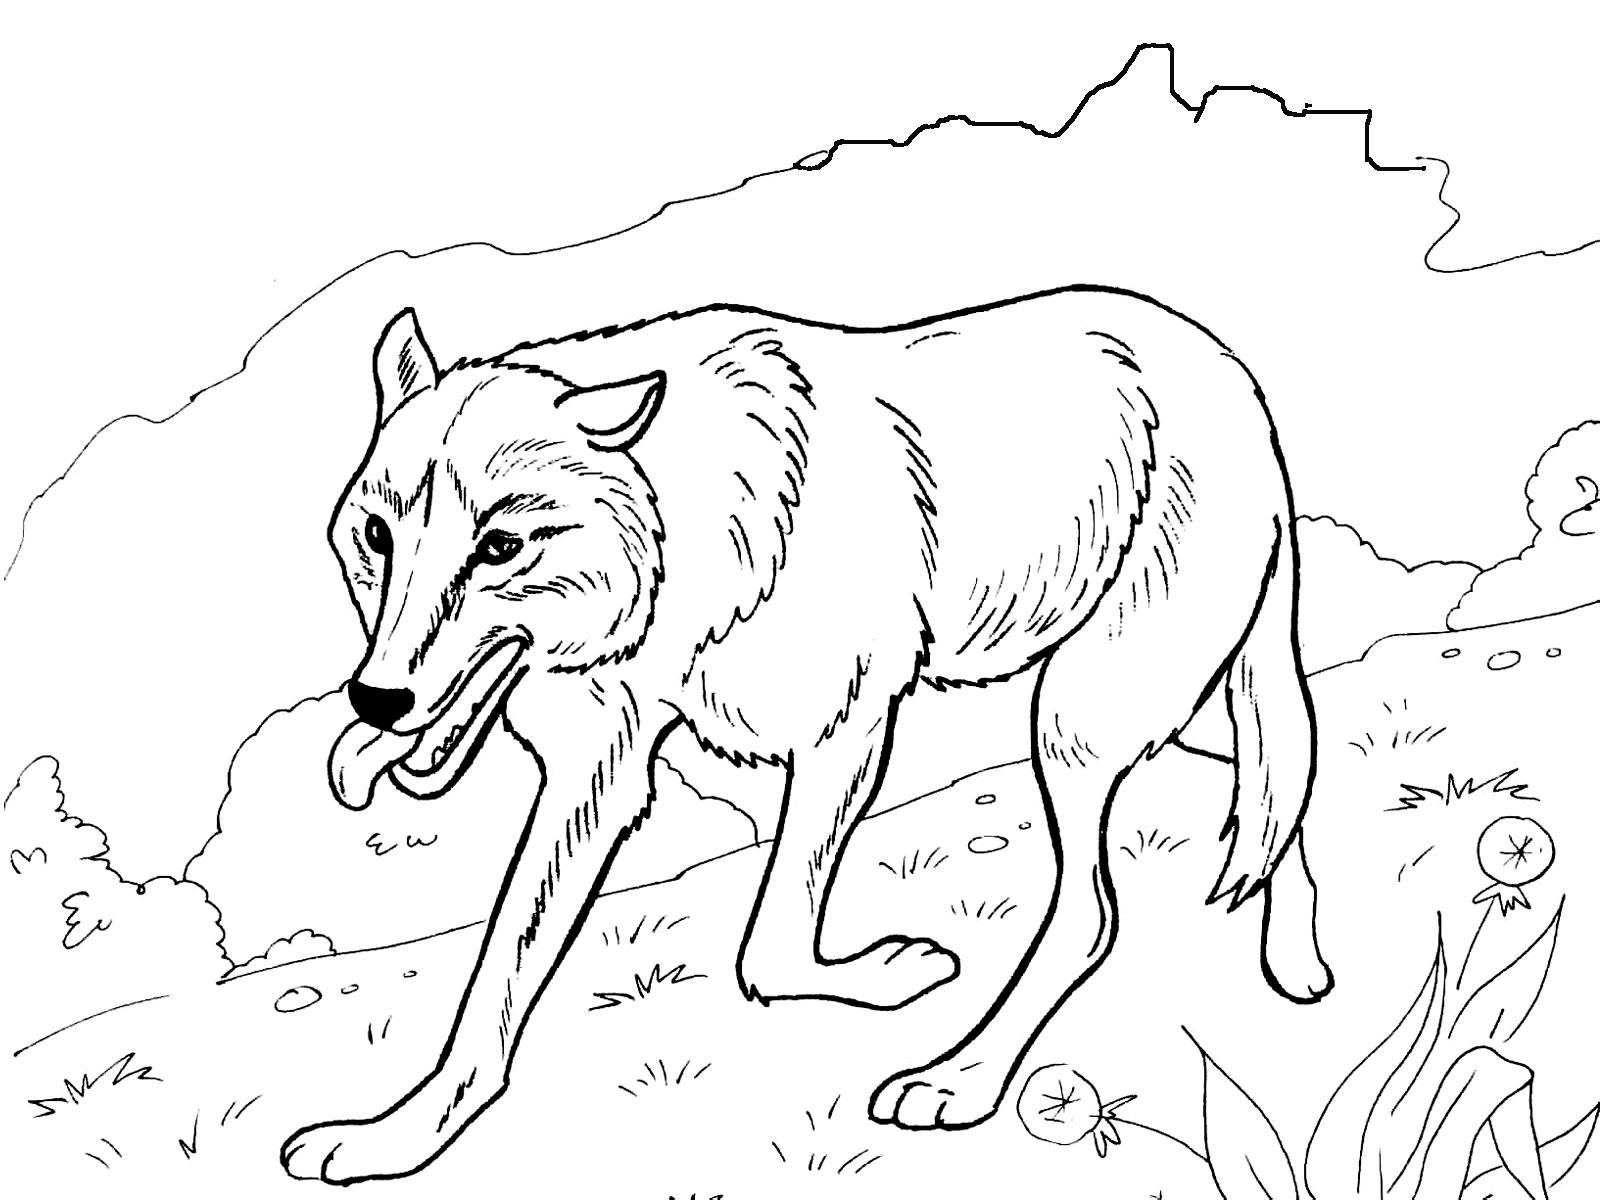 Как нарисовать ухо человека карандашом поэтапно